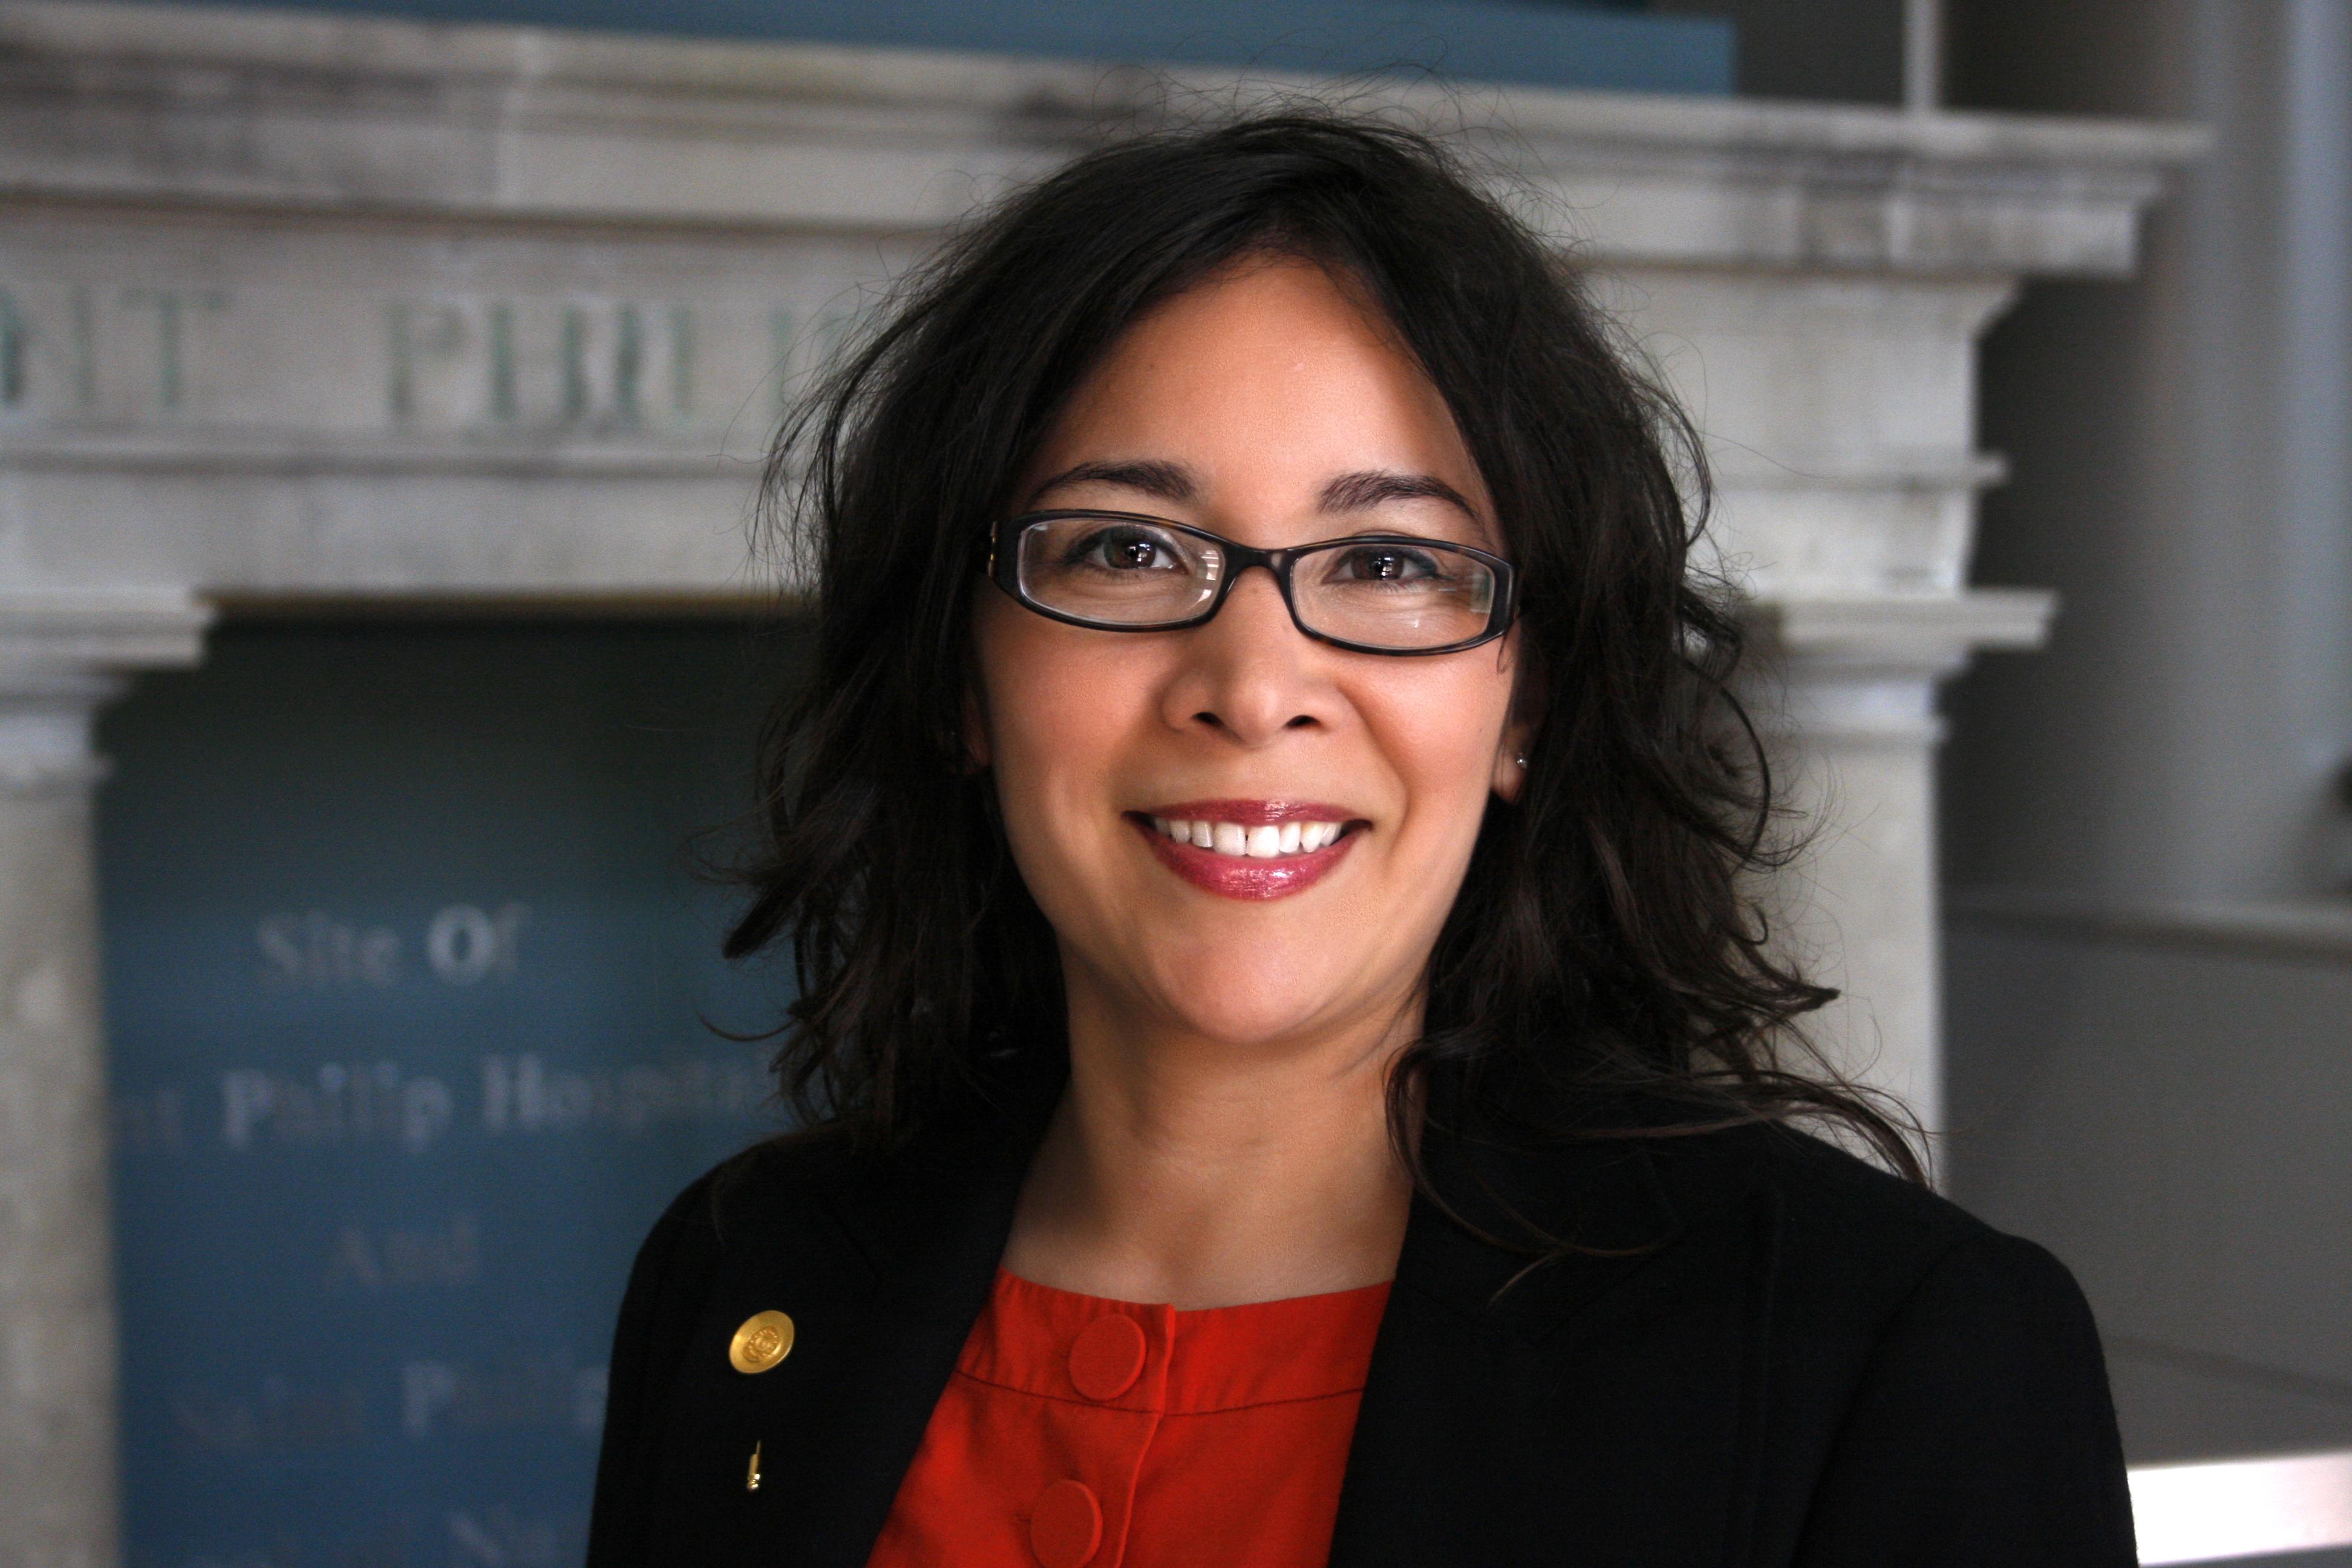 Deborah DiazGranados